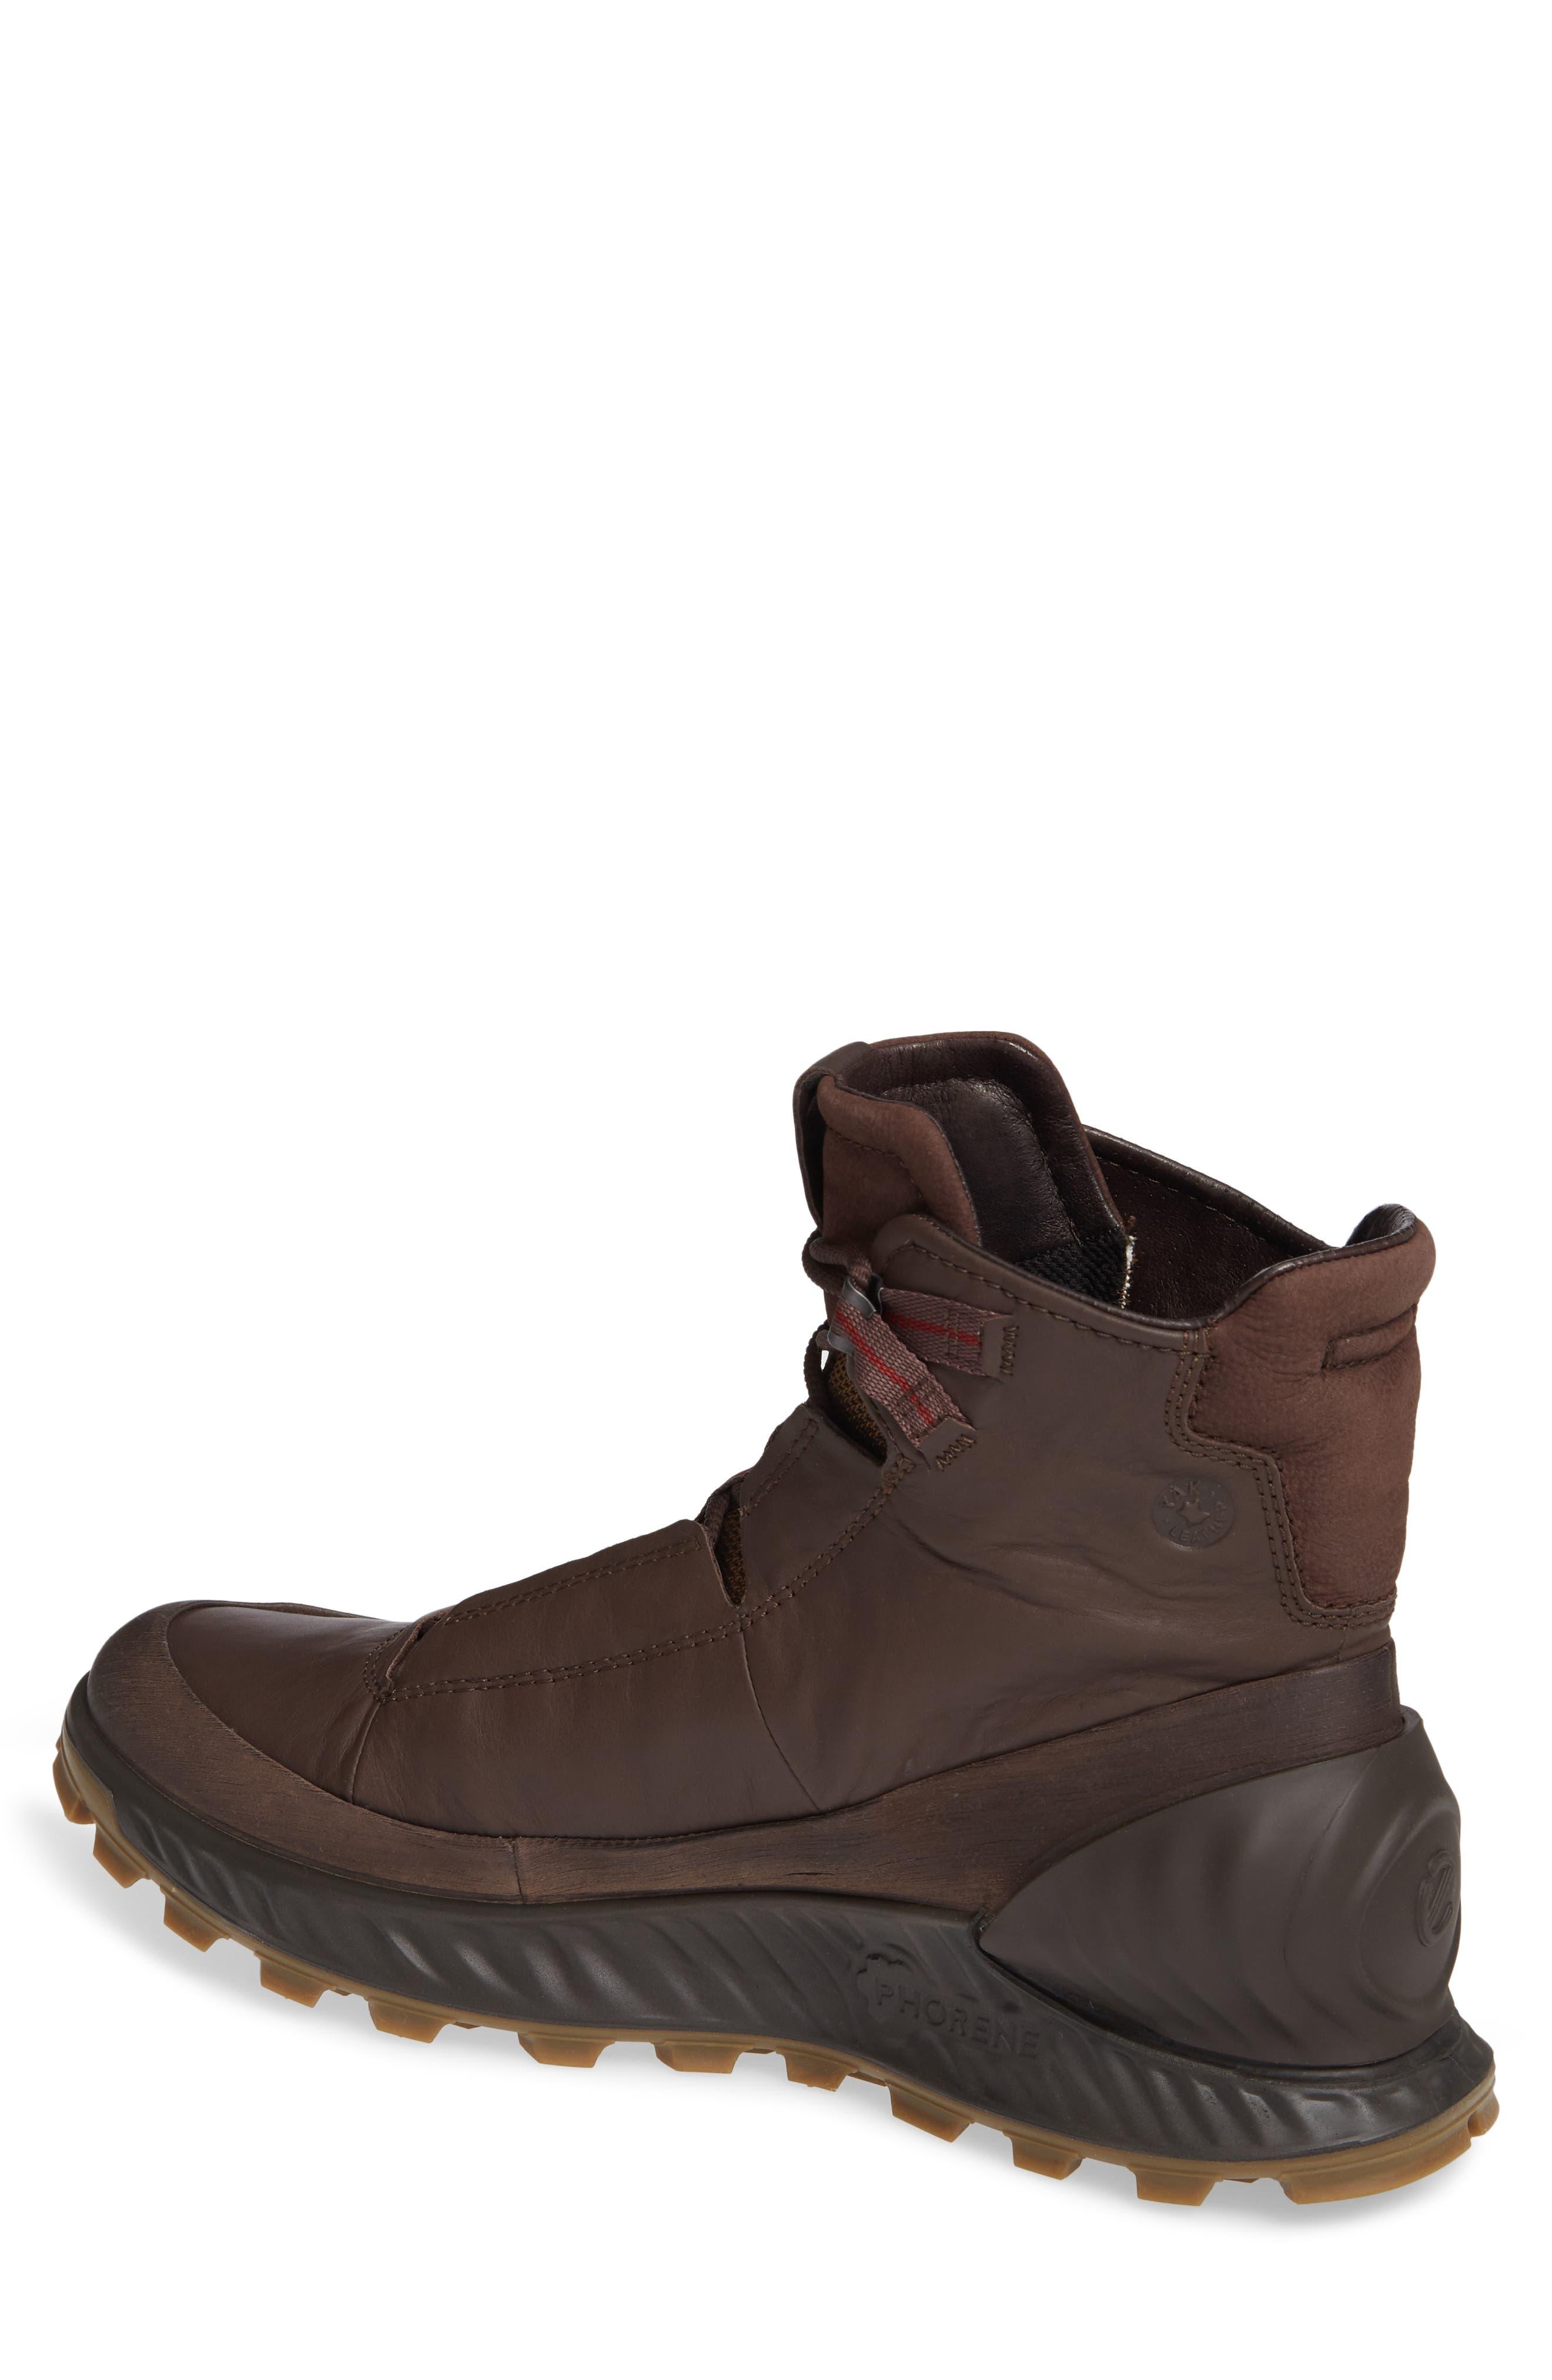 Exostrike Dyneema Gore-Tex<sup>®</sup> Sneaker Waterproof Boot,                             Alternate thumbnail 2, color,                             202